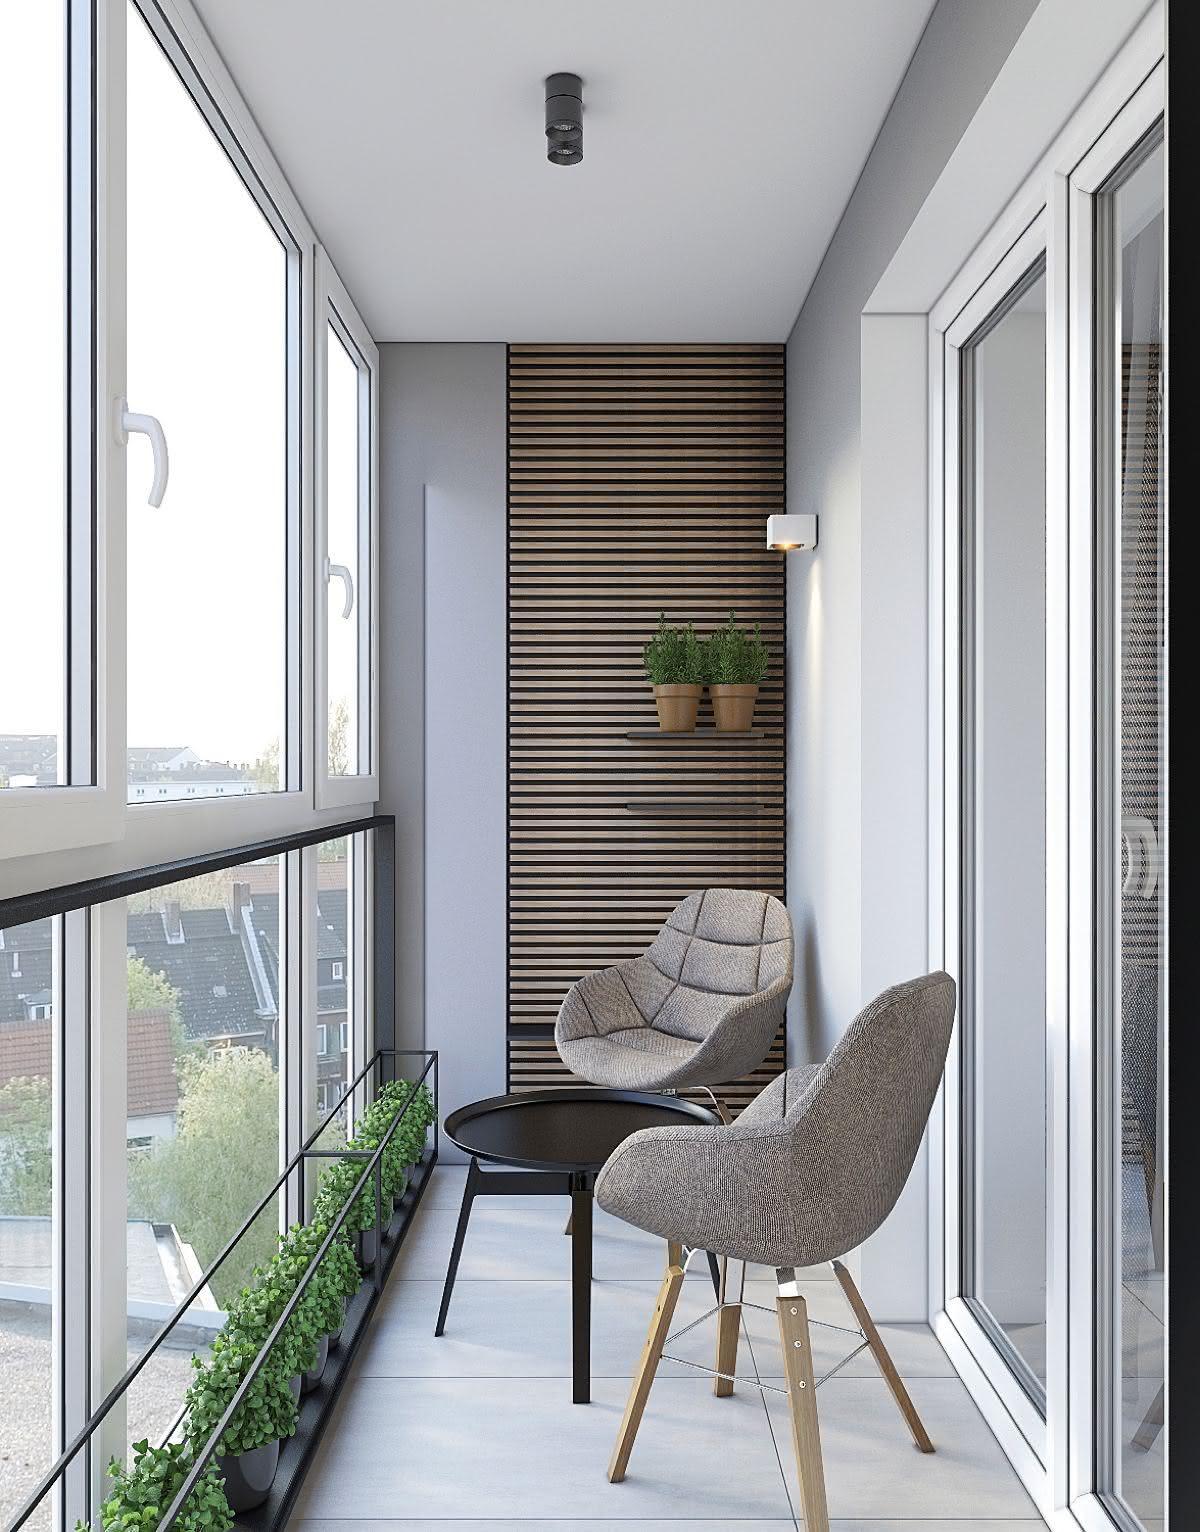 могут усыплять, дизайн панорамного балкона фото полностью изменить квартиру